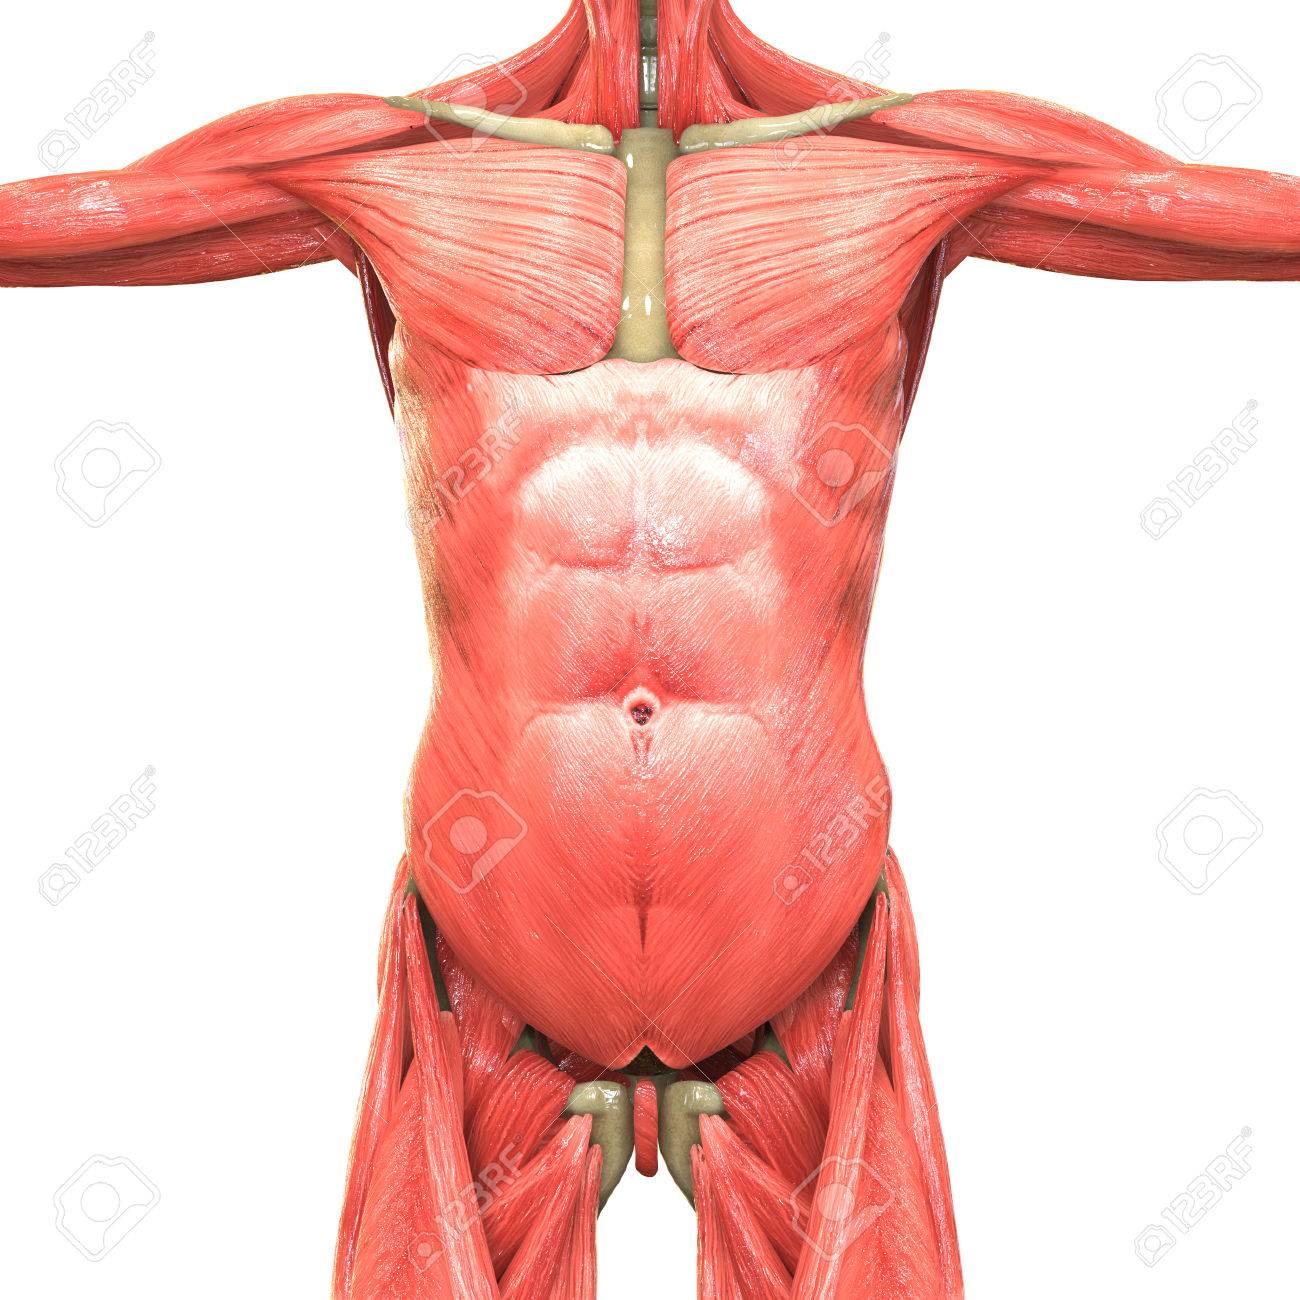 Menschlicher Körper Muskeln Anatomie Lizenzfreie Fotos, Bilder Und ...